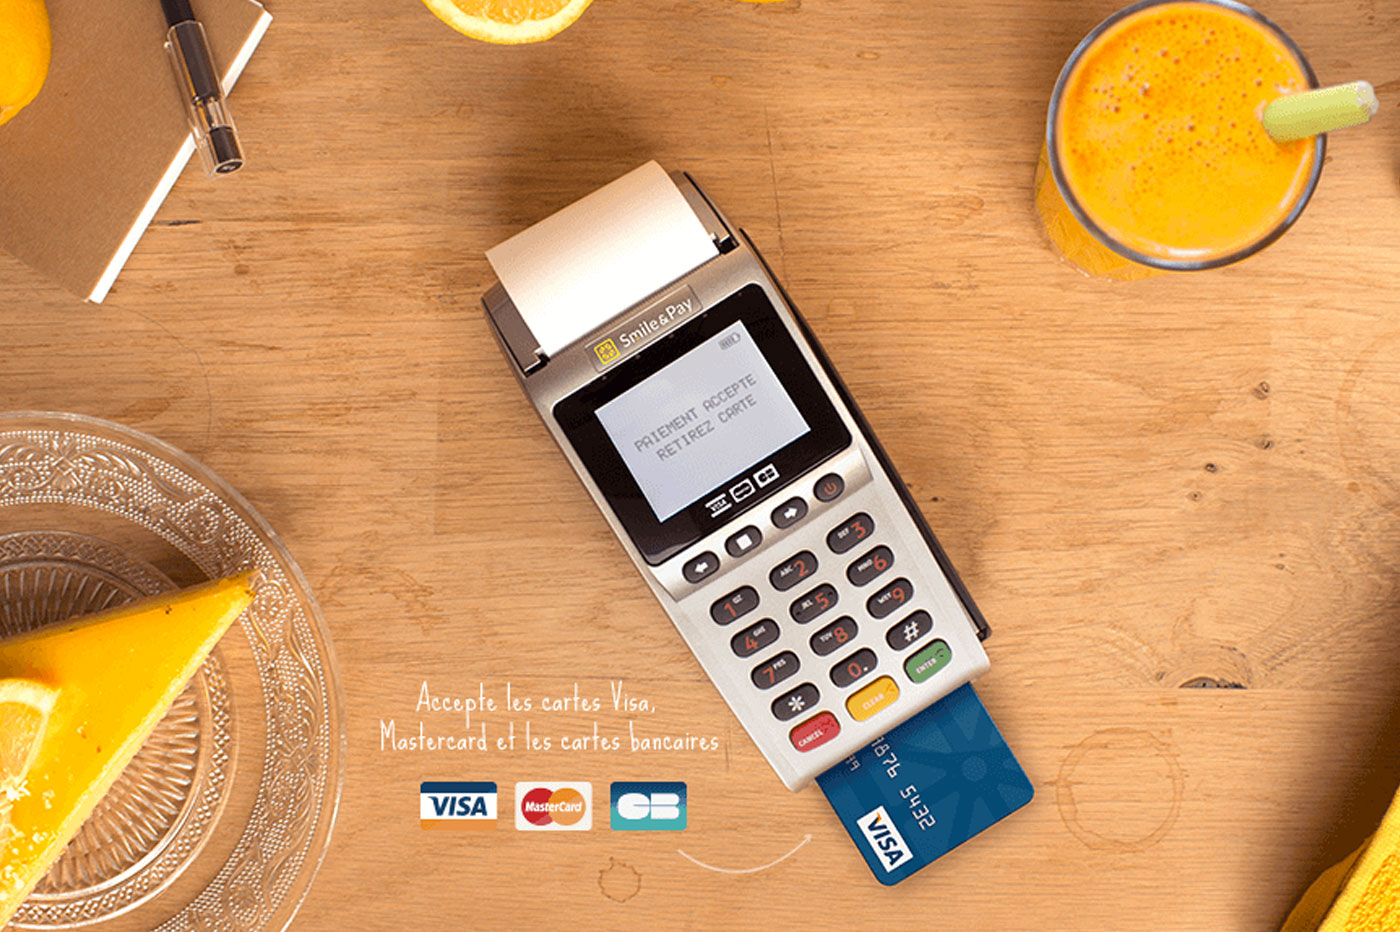 Le TPE classique Smile & Pay